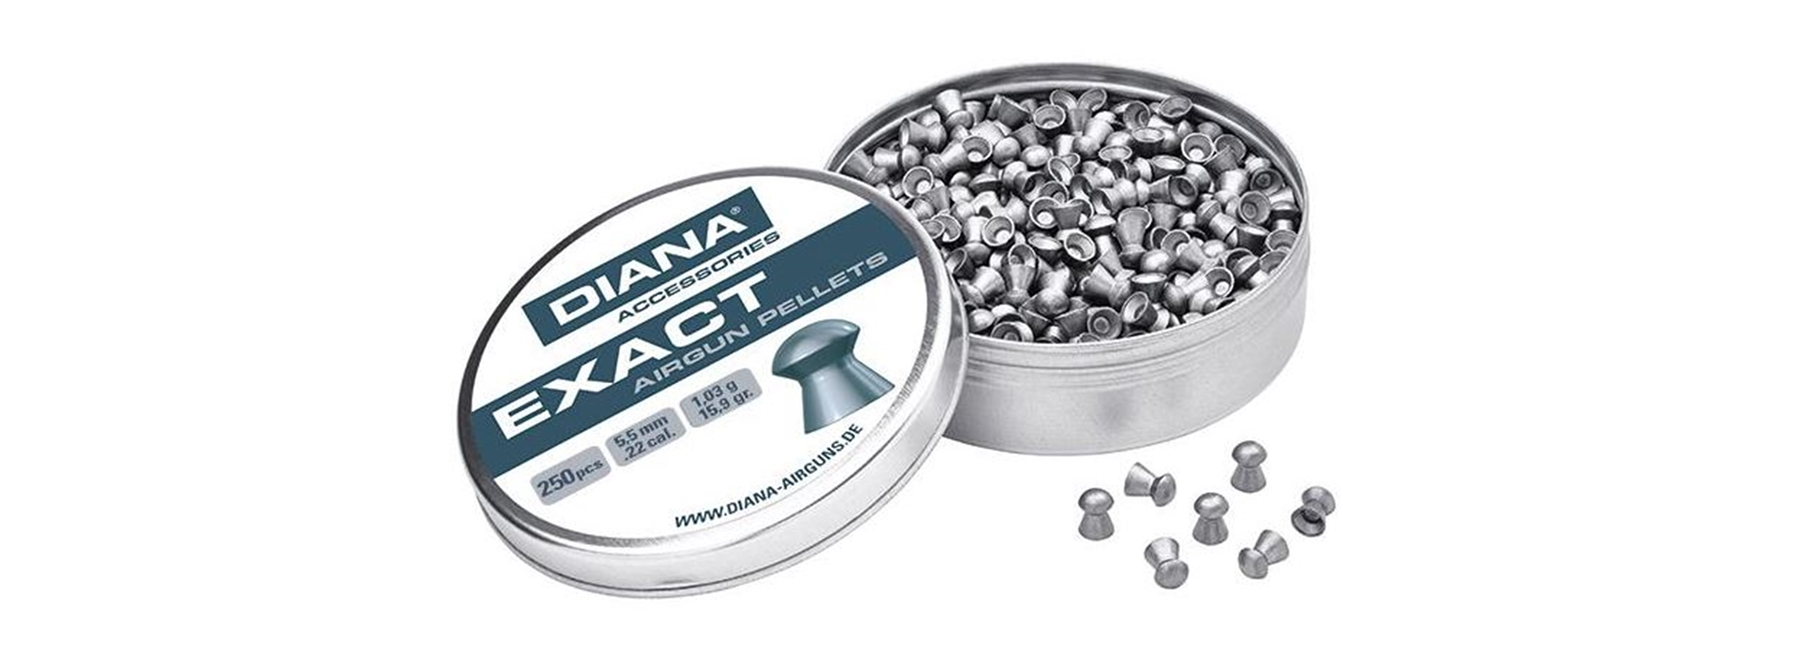 Diana Diablo Pellets Exact Jumbo .22 (5.5mm)